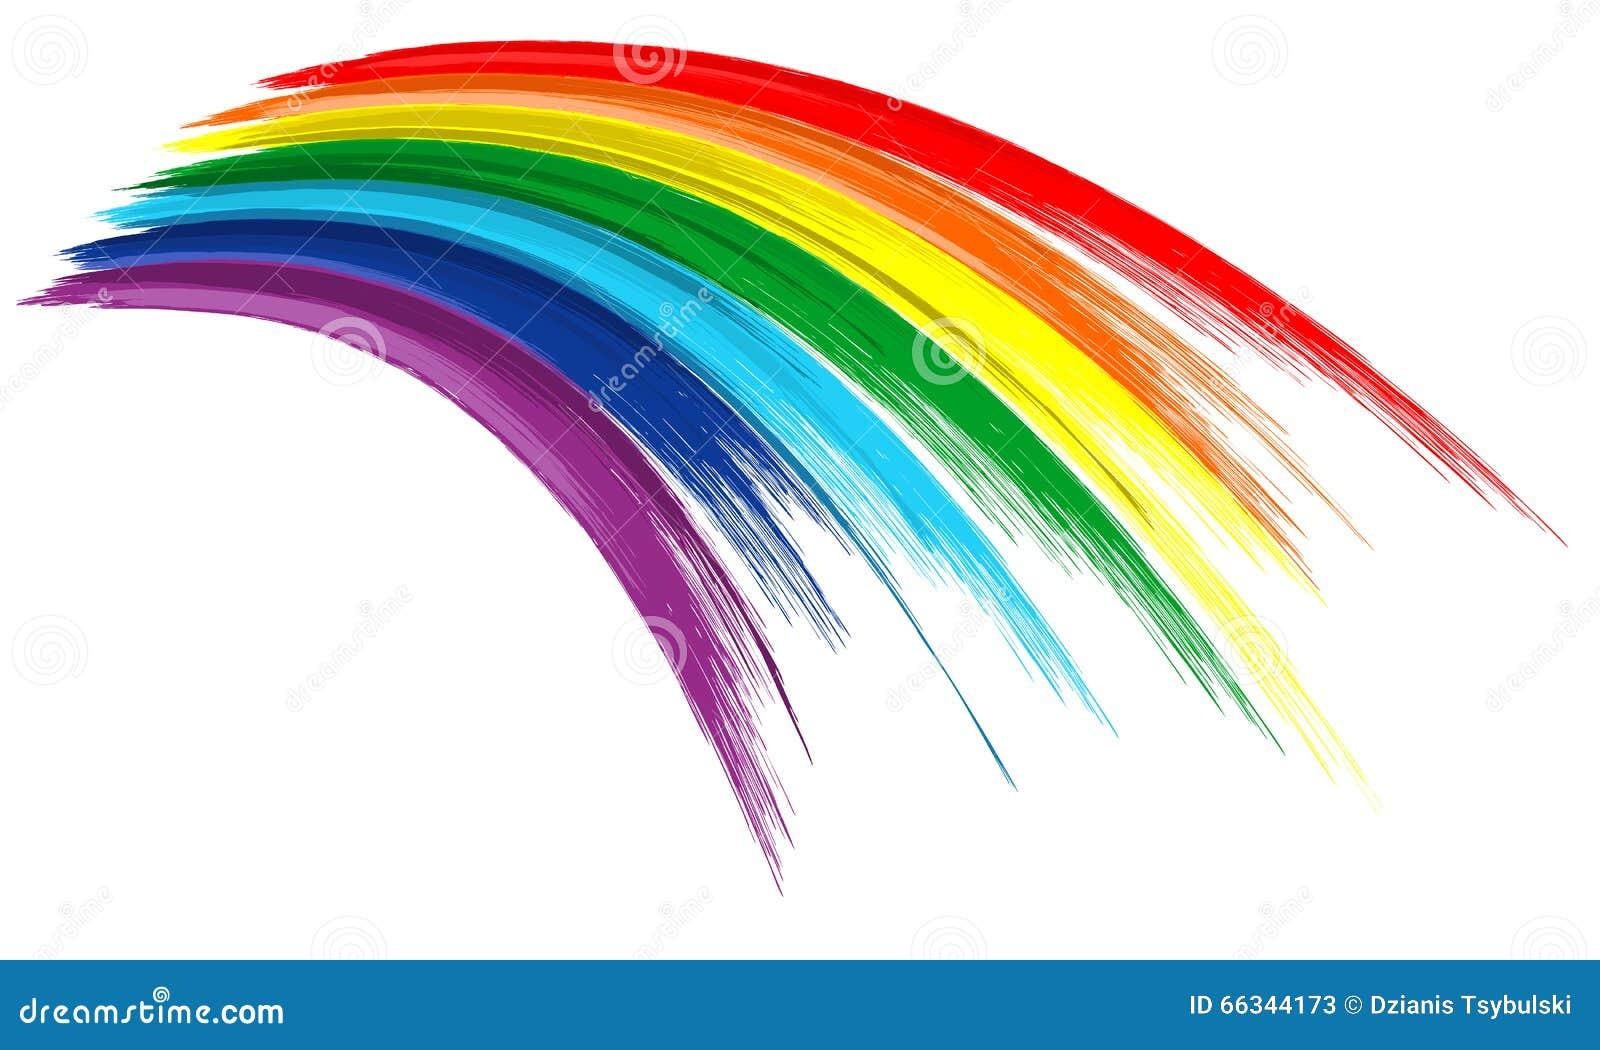 Fondo del drenaje de la pintura del movimiento del cepillo del color del arco iris del arte